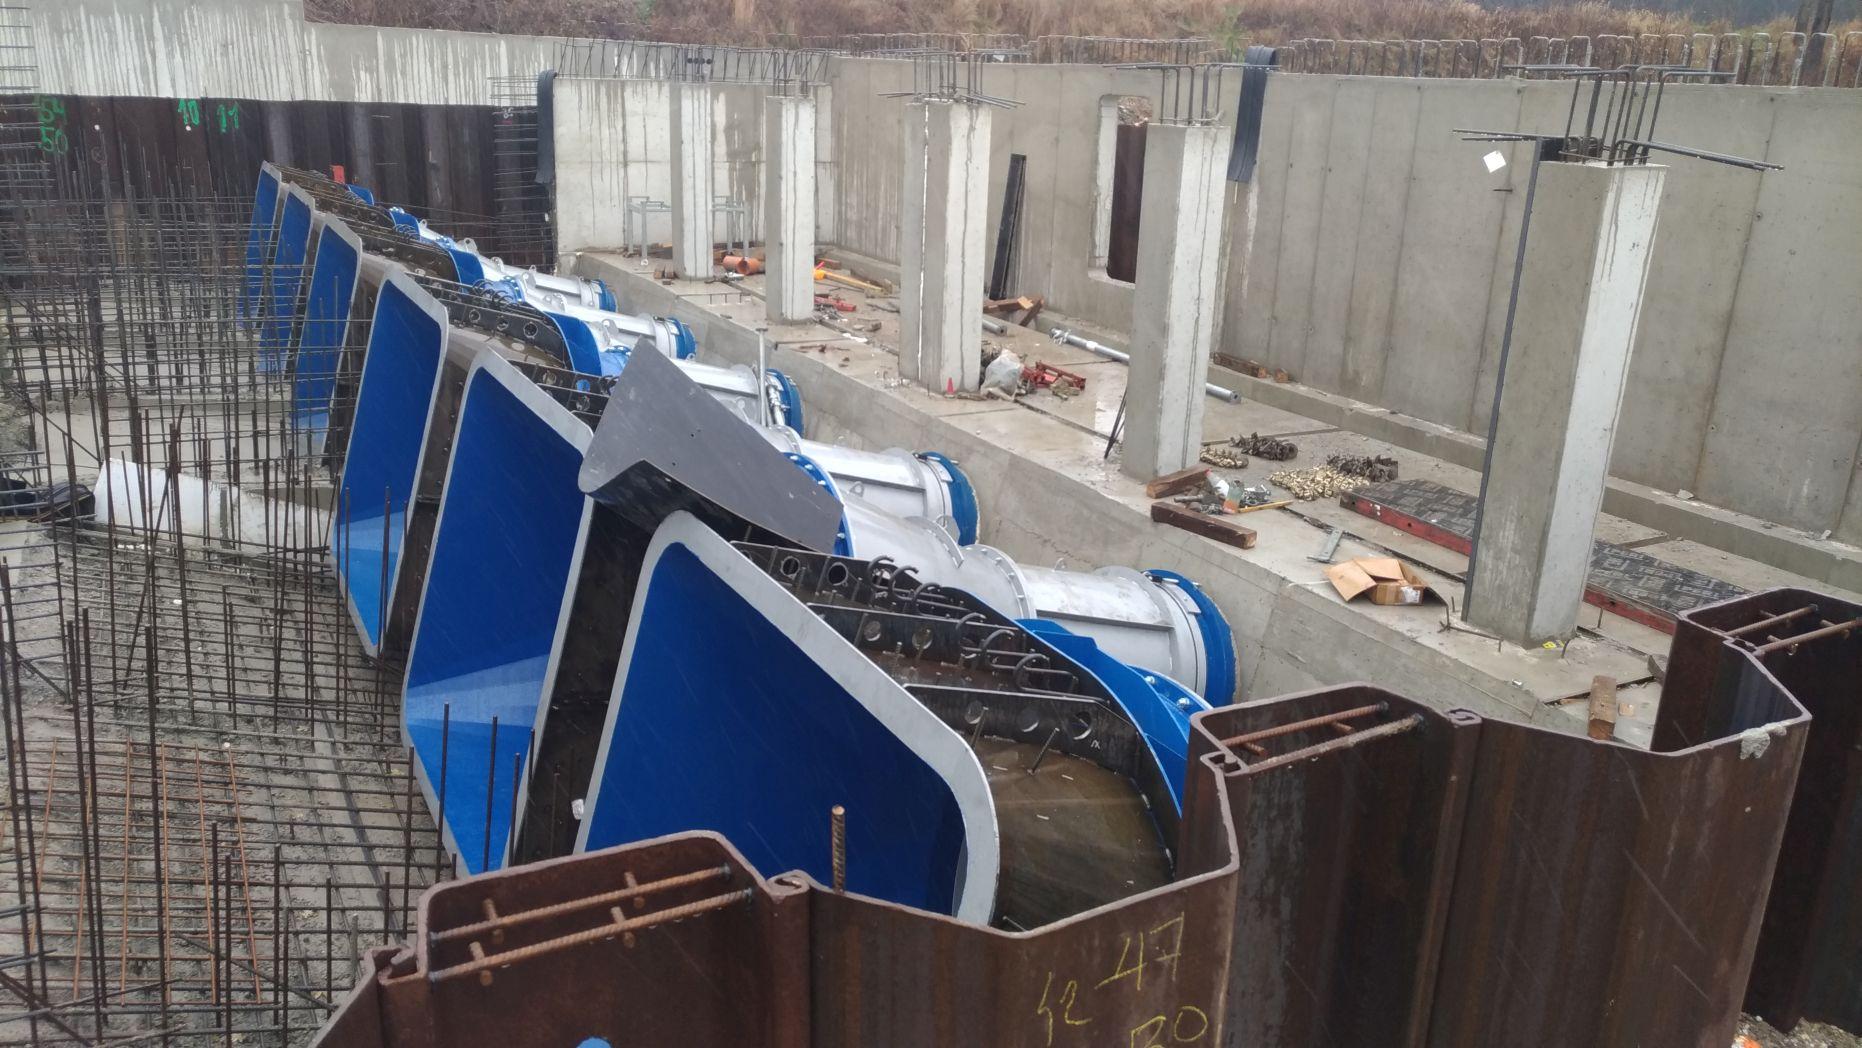 Поставка всасывающих труб и впускных отверстий для Малой ГЭС Глембоцко, Польша